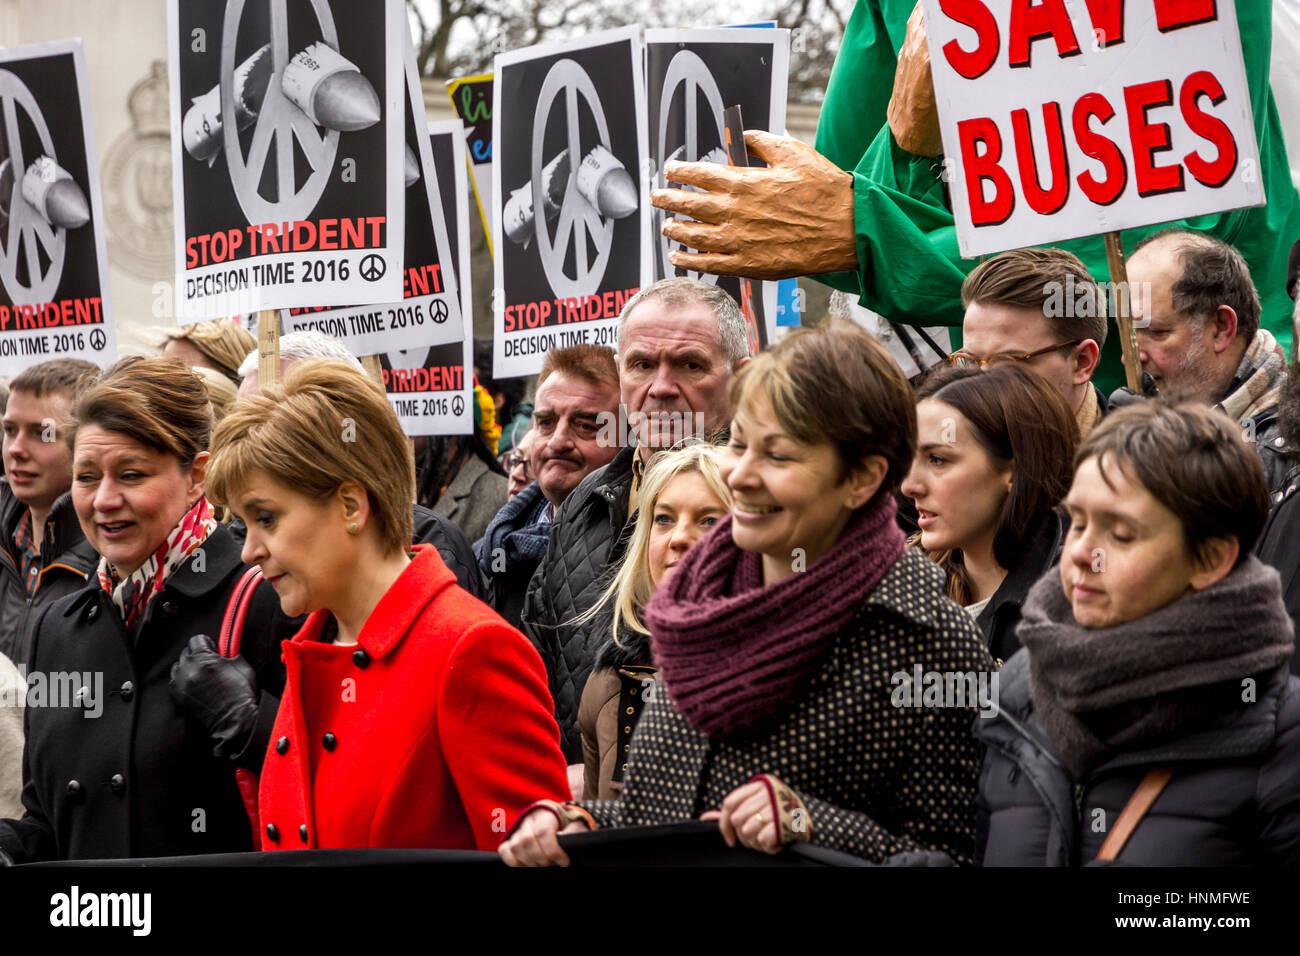 Les responsables politiques et les manifestants mars à Londres dans l'opposition pour les gouvernements Photo Stock